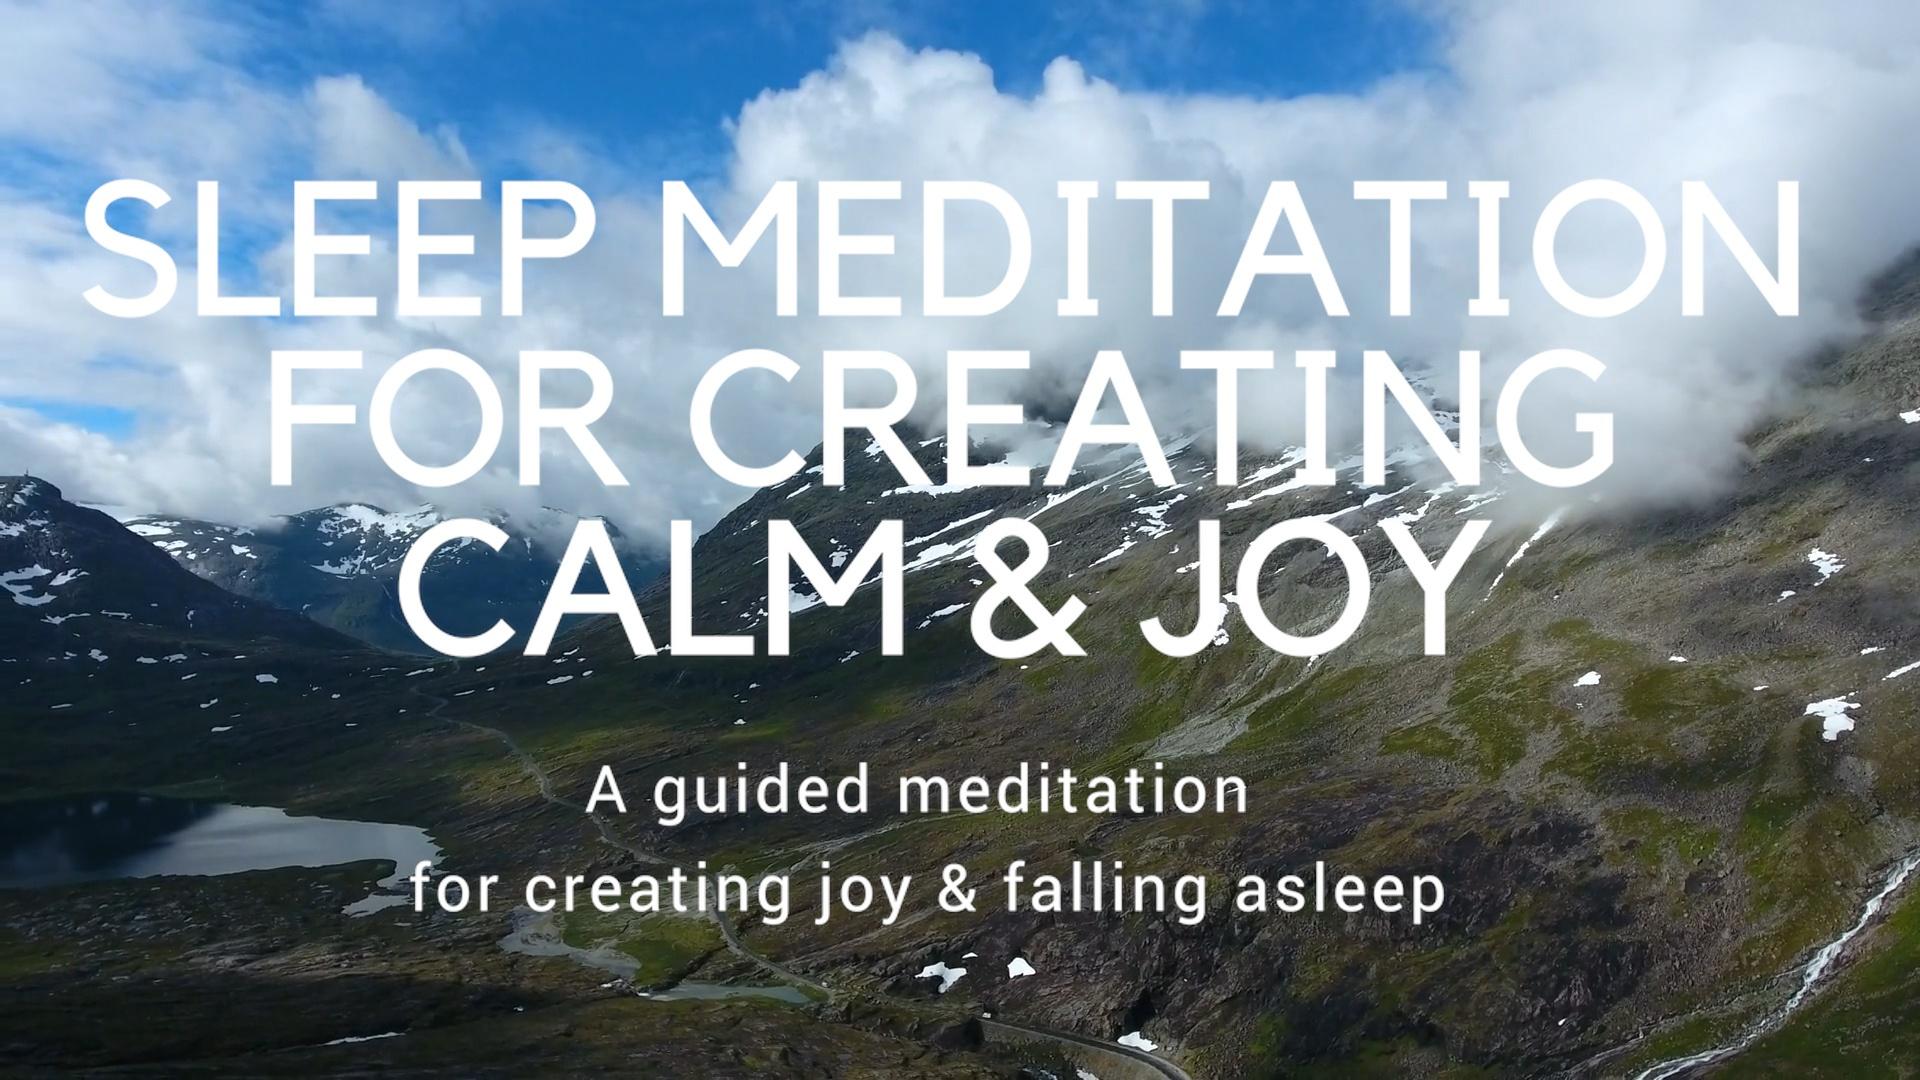 SLEEP MEDITATION FOR CREATING CALM & JOY